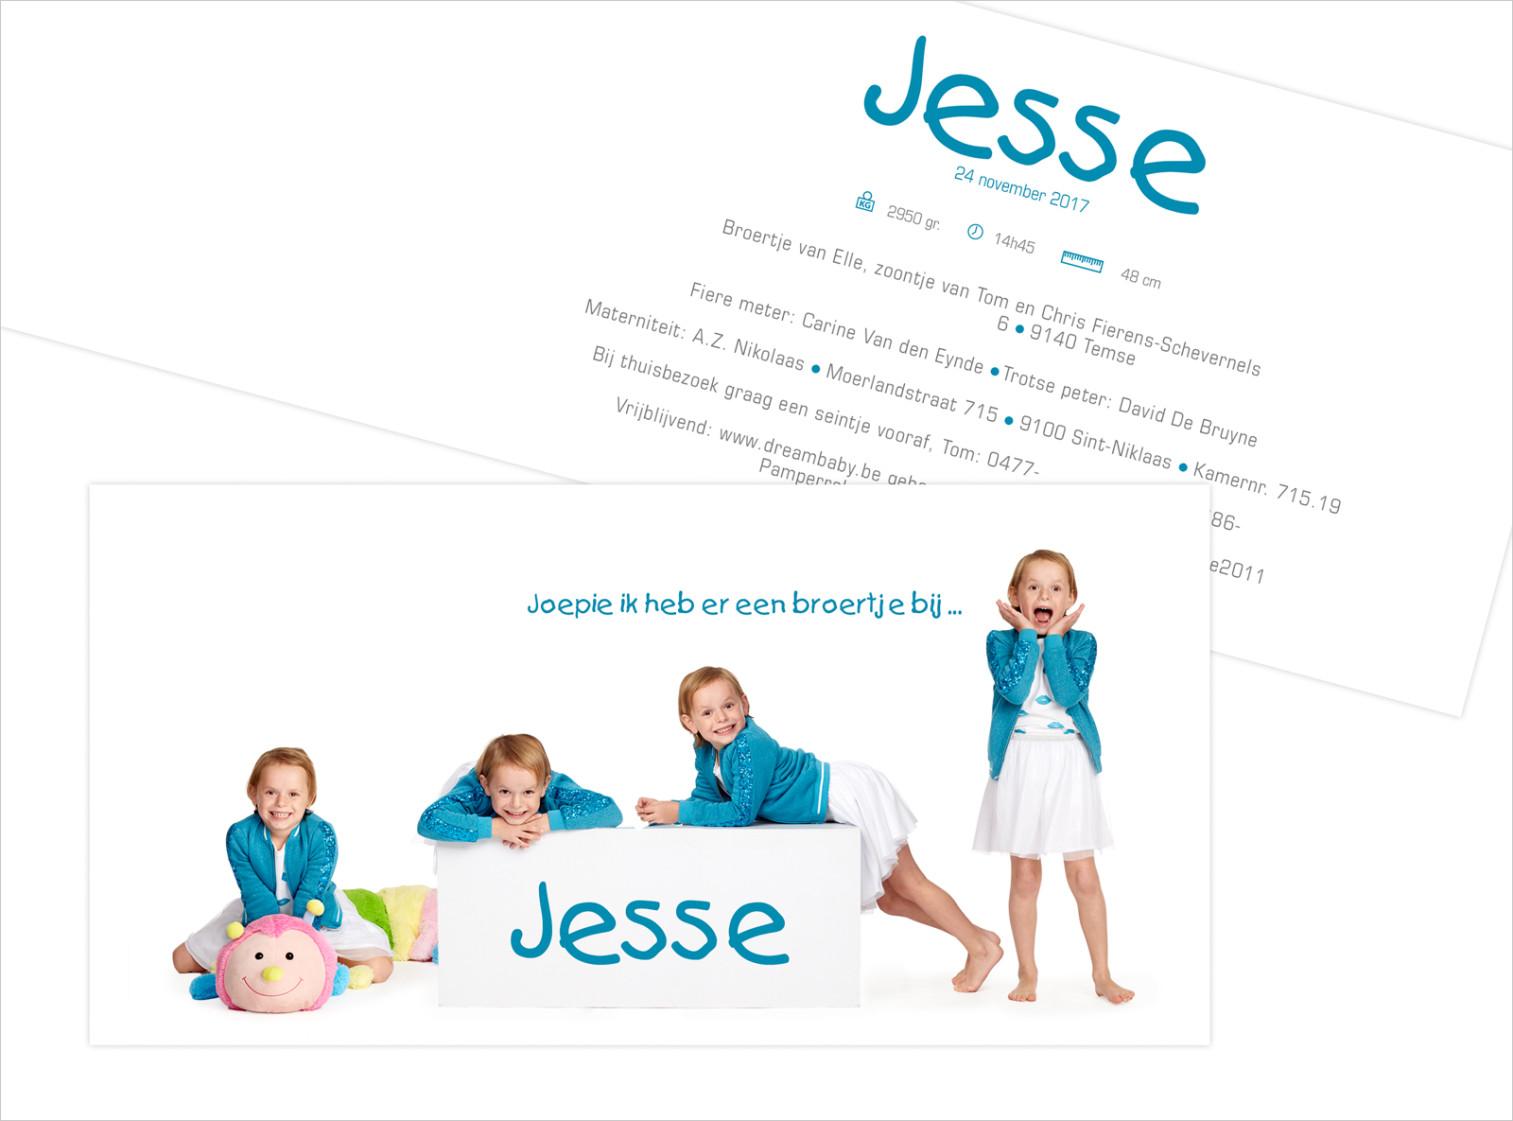 Geboortekaartje met foto van Jesse